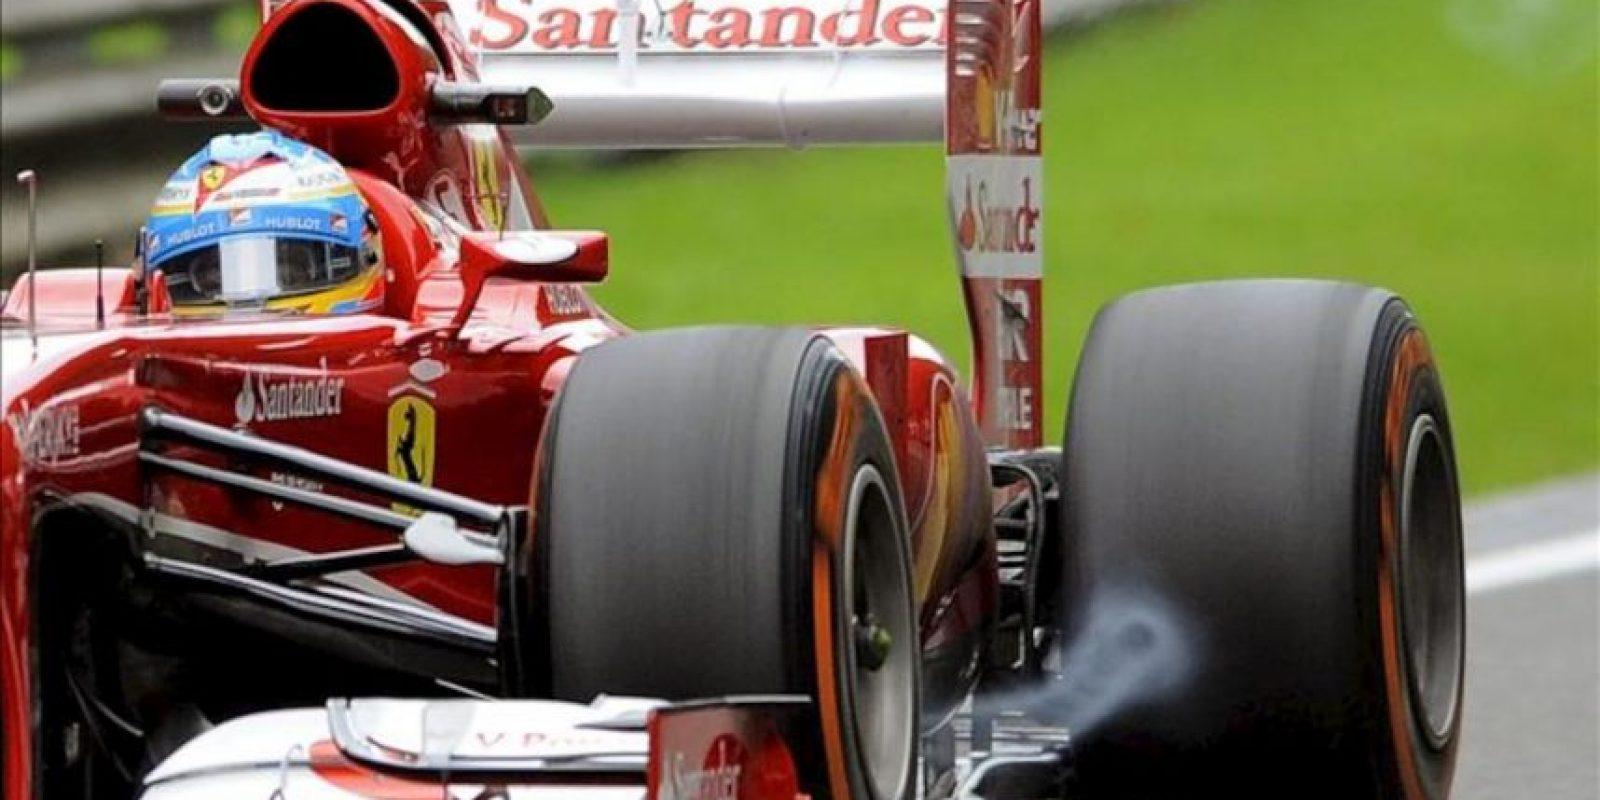 El piloto español de Fórmula Uno Fernando Alonso, de la escudería Ferrari, conduce su monoplaza durante la primera sesión de entrenamiento en el circuito de Spa-Francorchamps en Bélgica. EFE